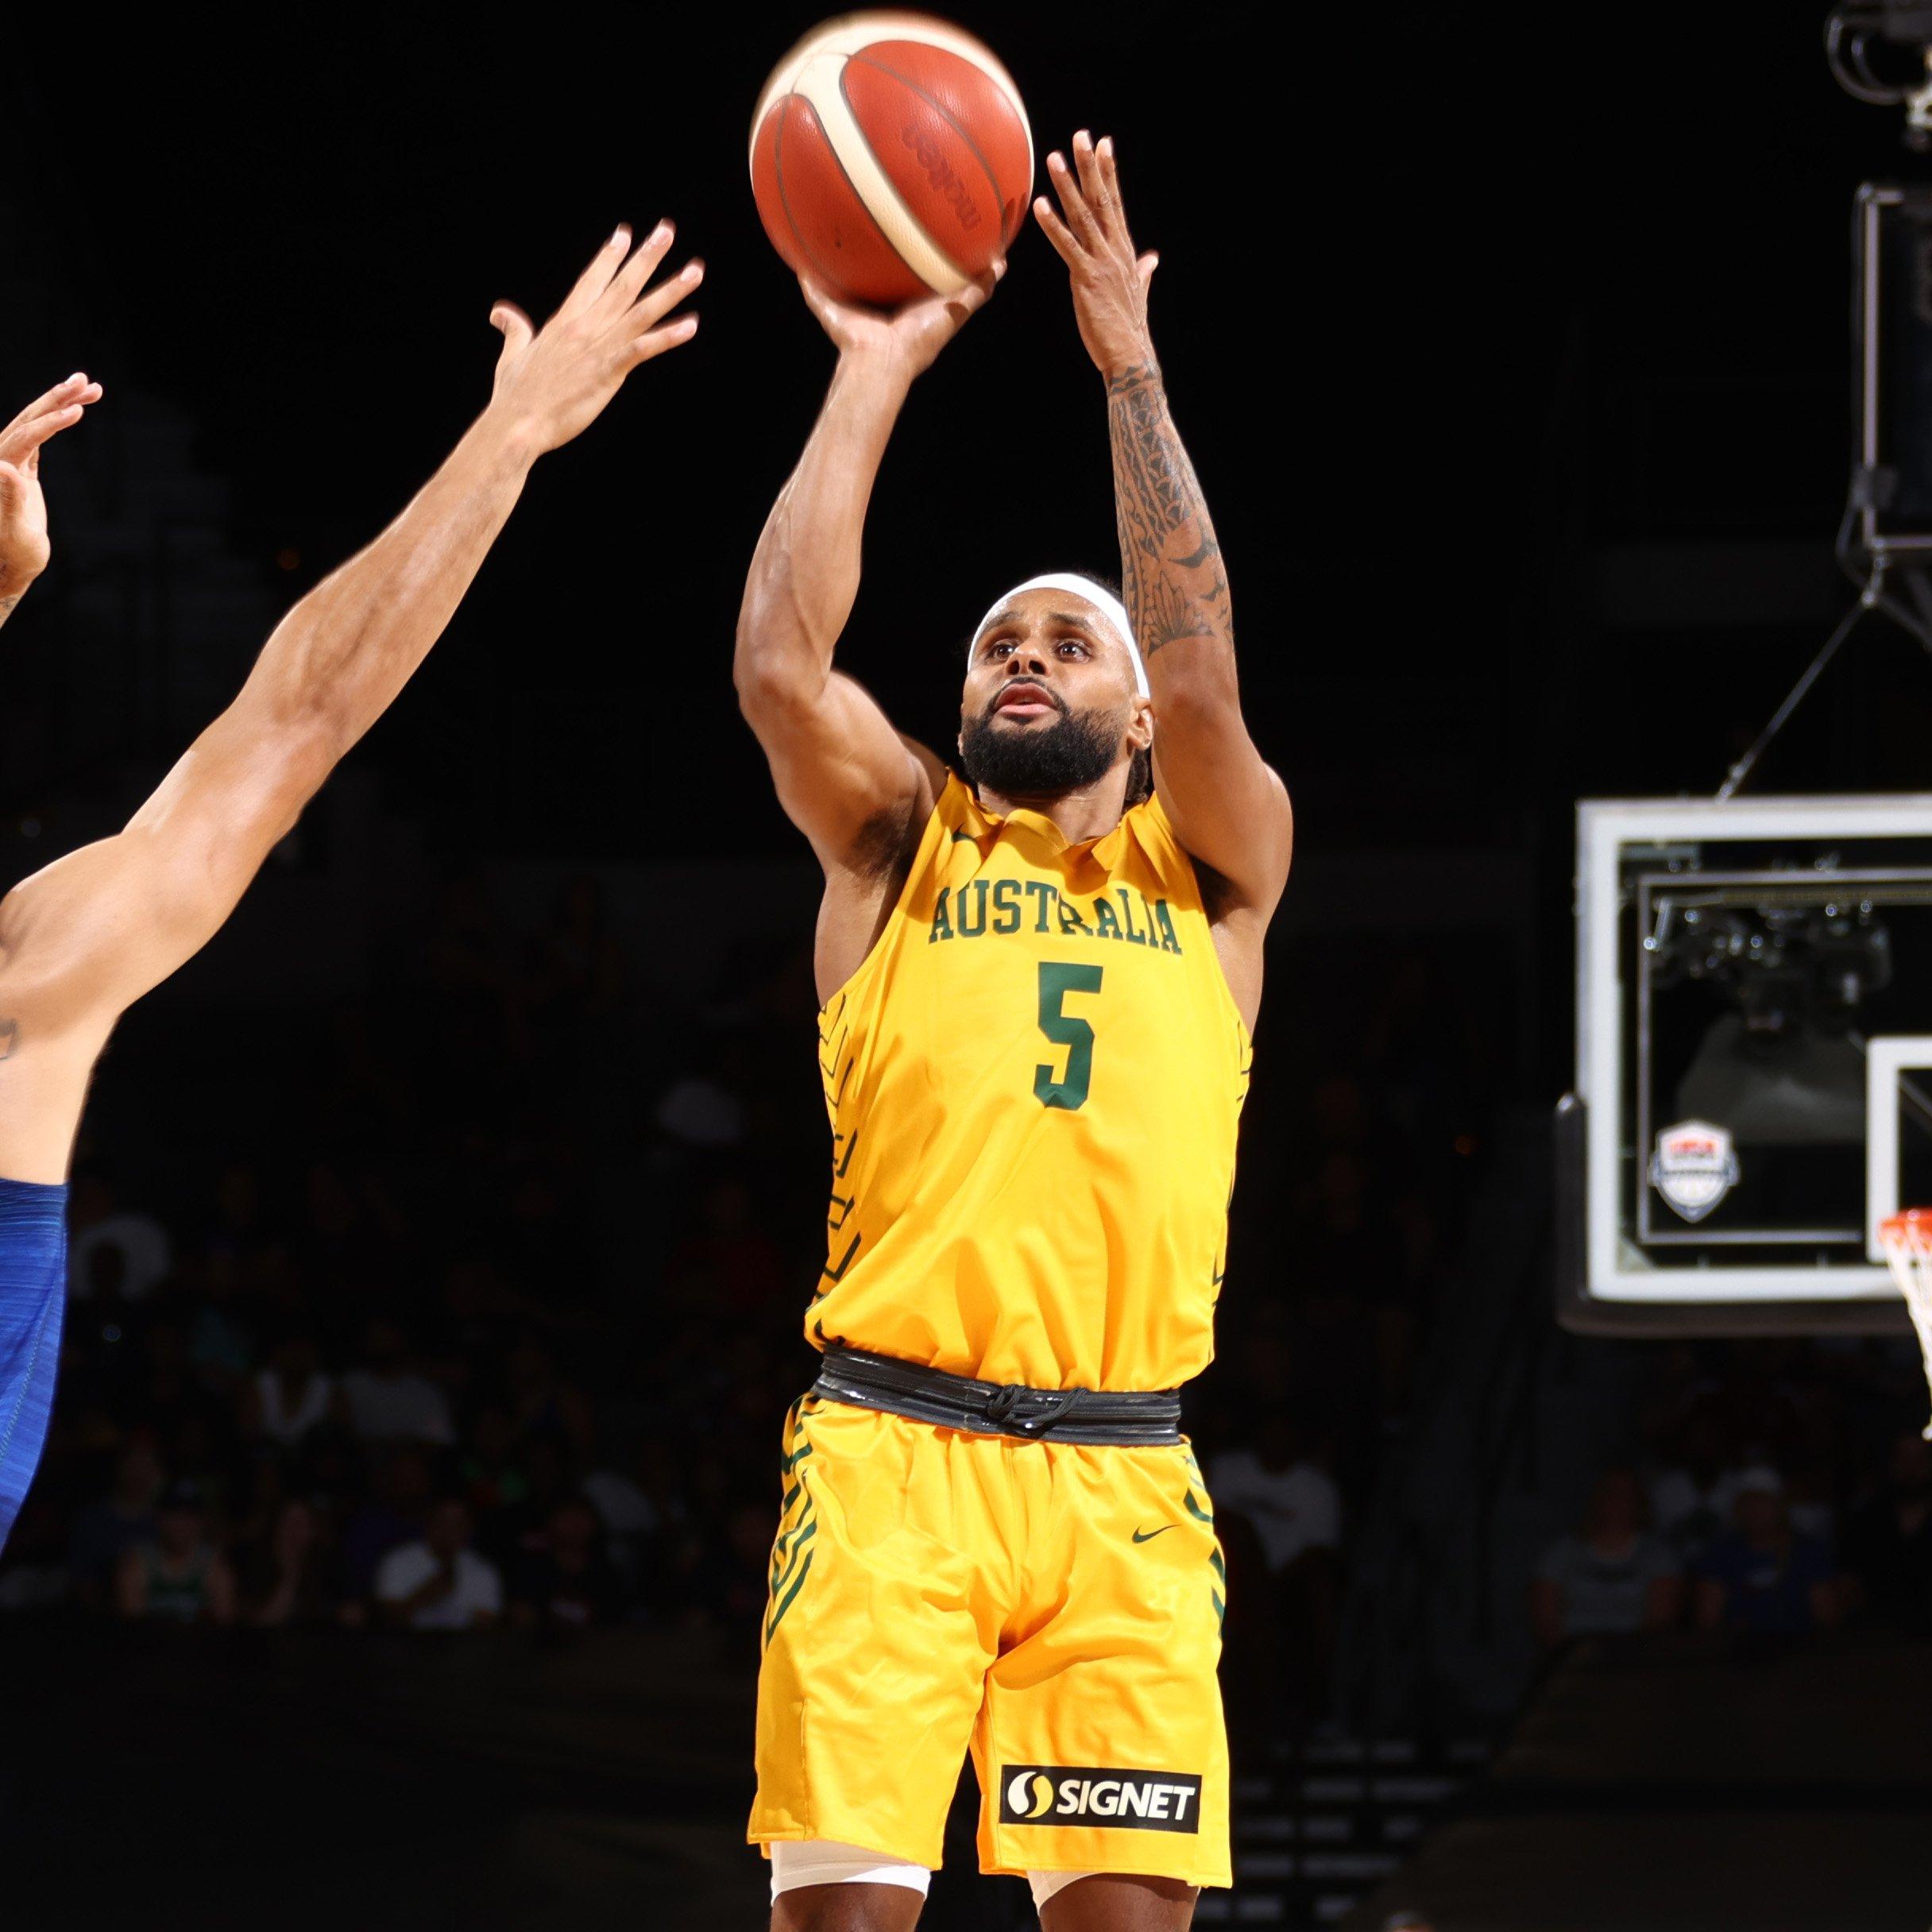 Mills led team Australia